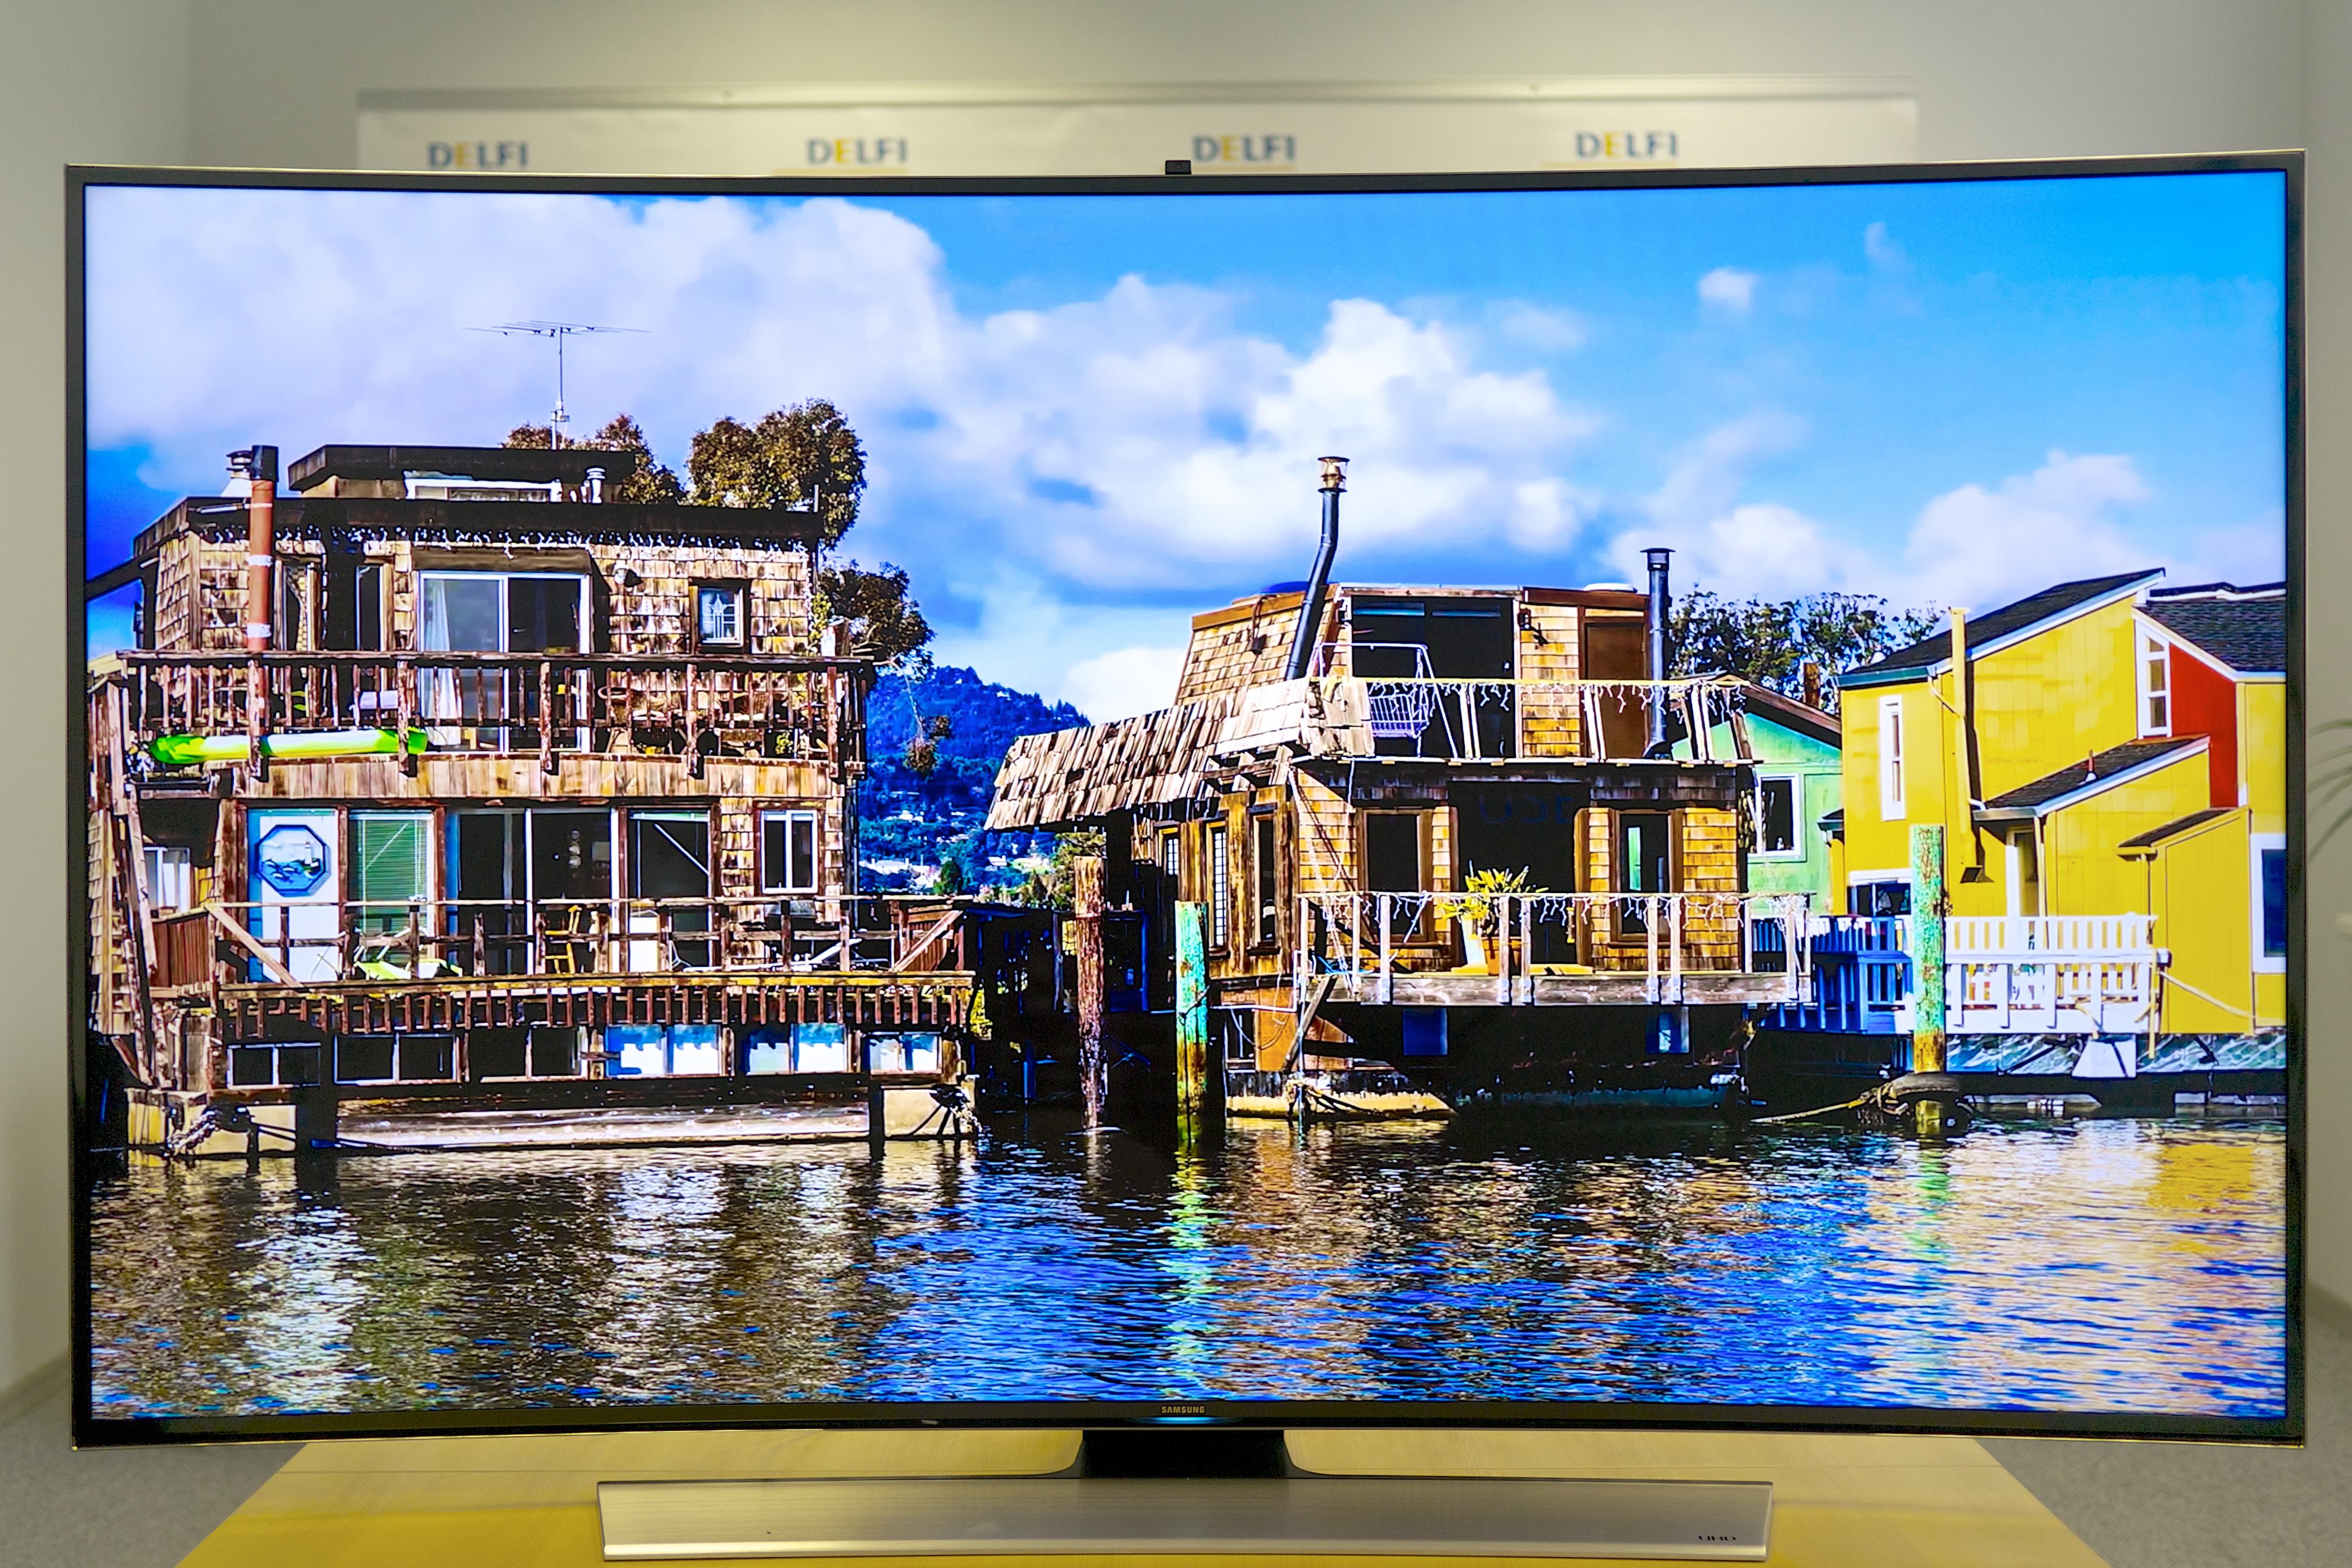 Hört dieser Fernseher gerade mit? Foto: CC-BY 2.0  Kārlis Dambrāns